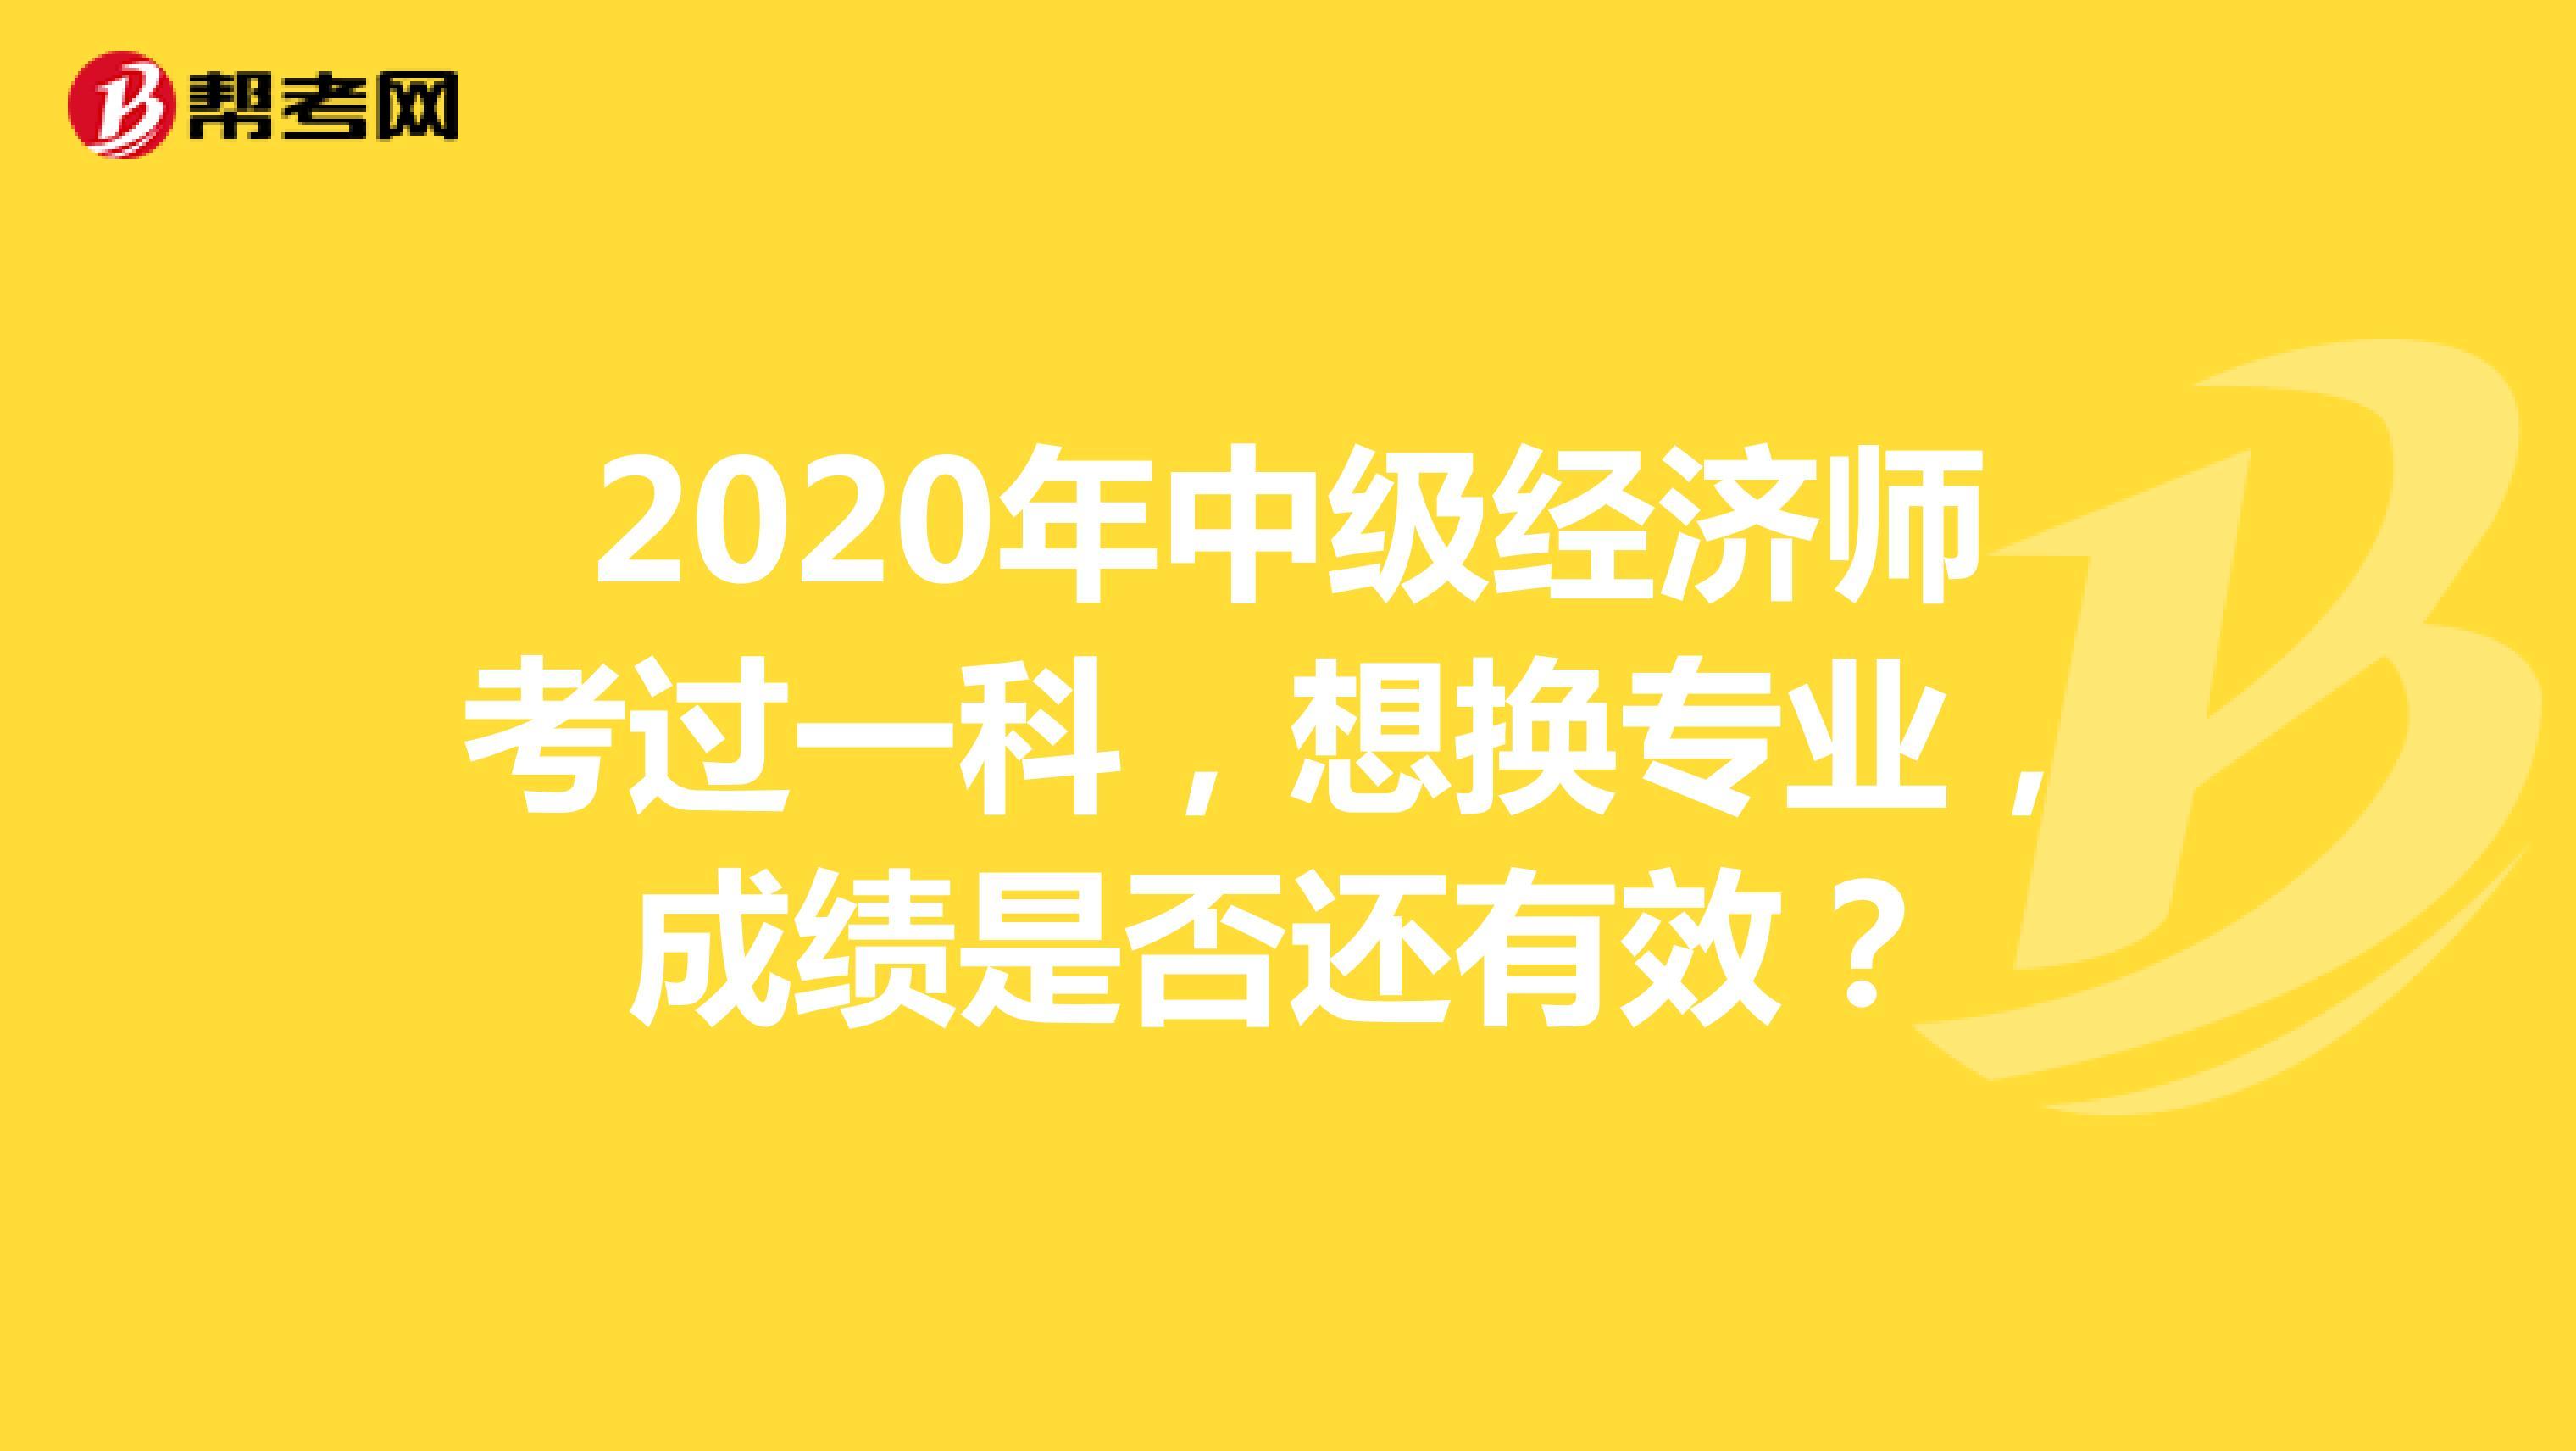 2020年中級經濟師考過一科,想換專業,成績是否還有效?